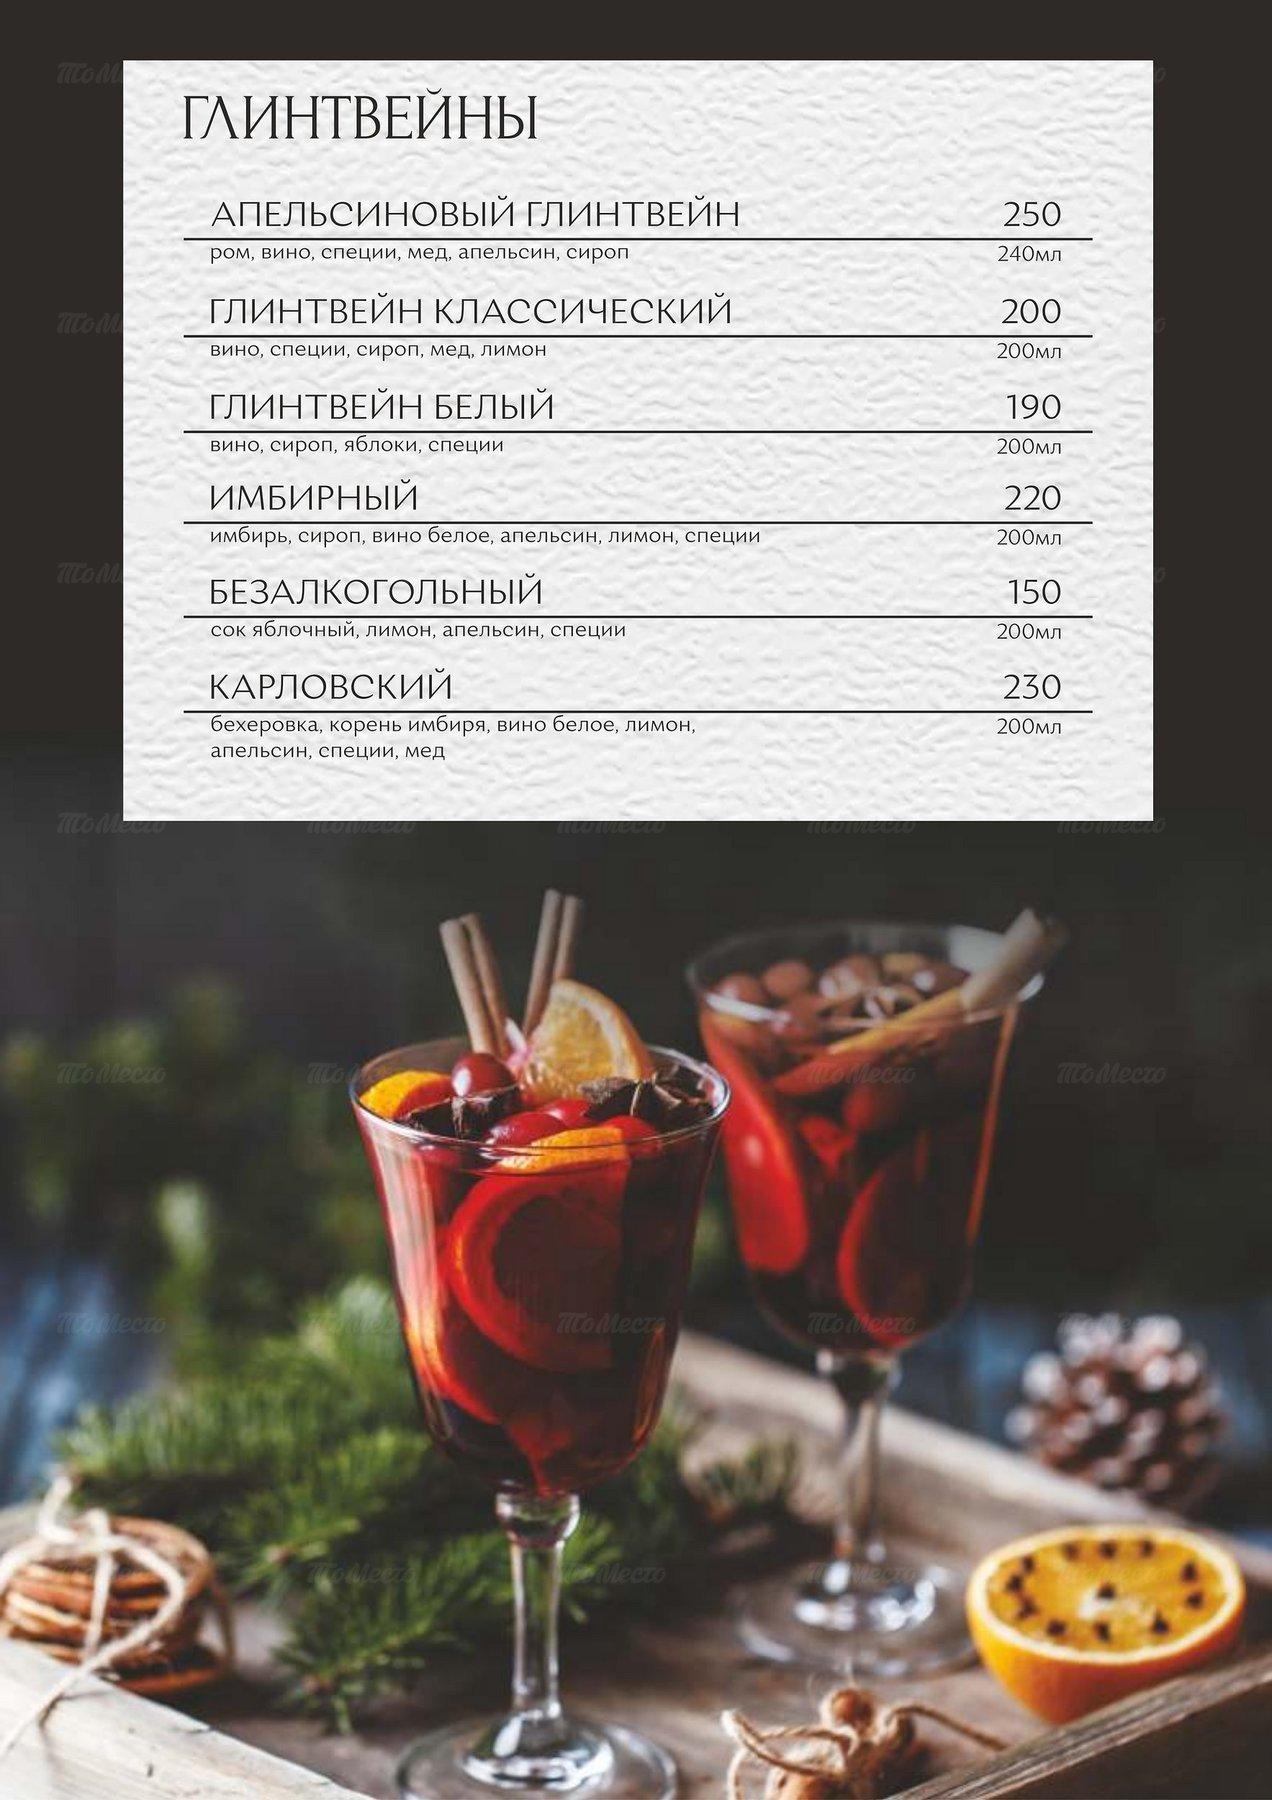 Меню кафе Yolo на Комсомольском проспекте фото 30